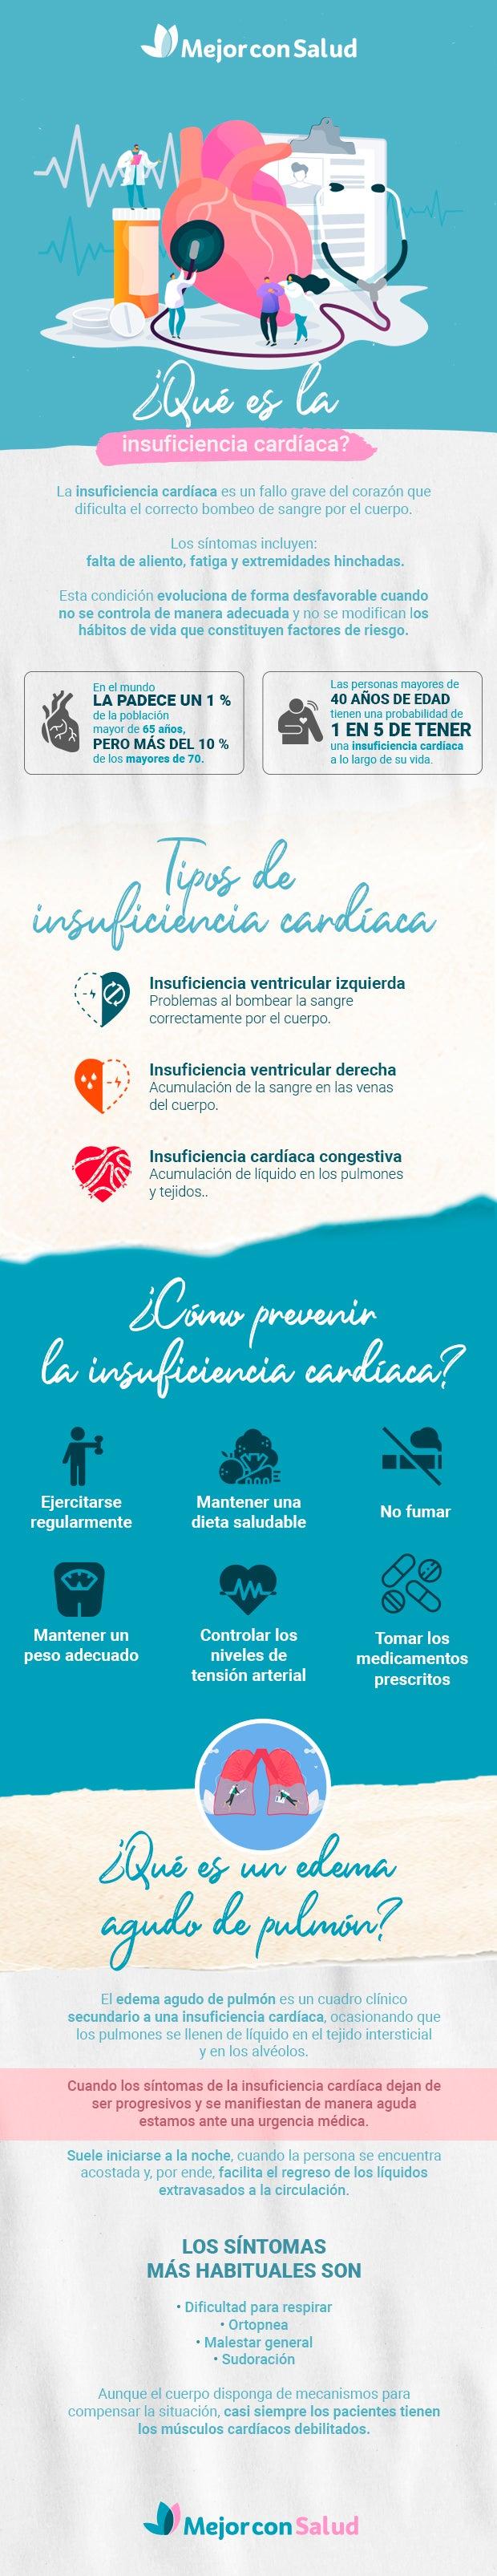 Infografía sobre la insuficiencia cardíaca